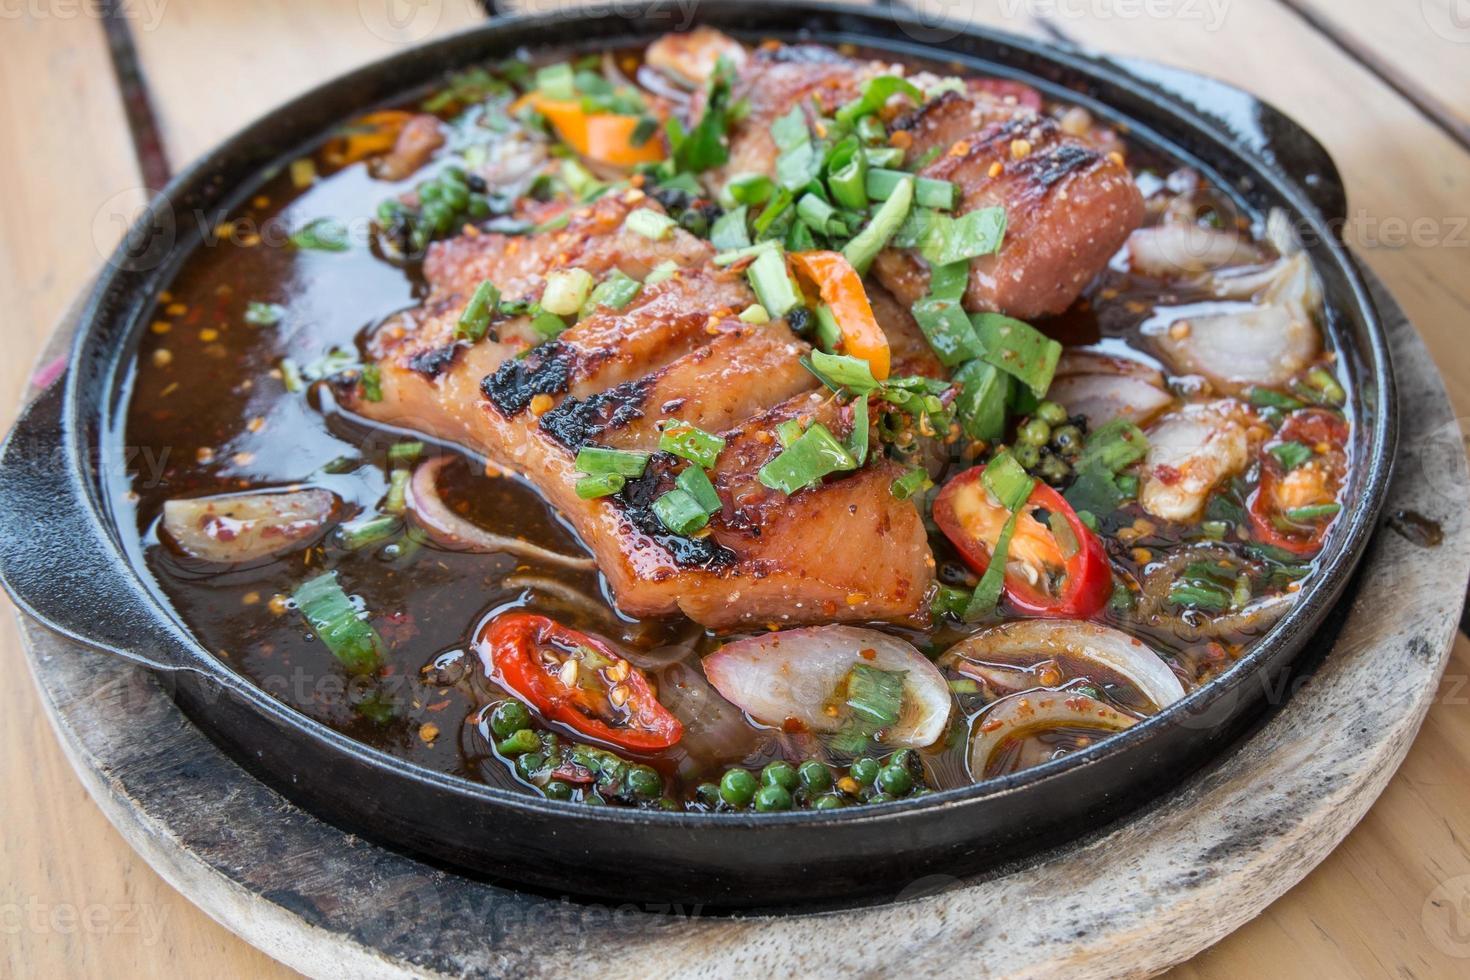 Thai würziges gegrilltes Schweinefleisch auf Kochplatte foto